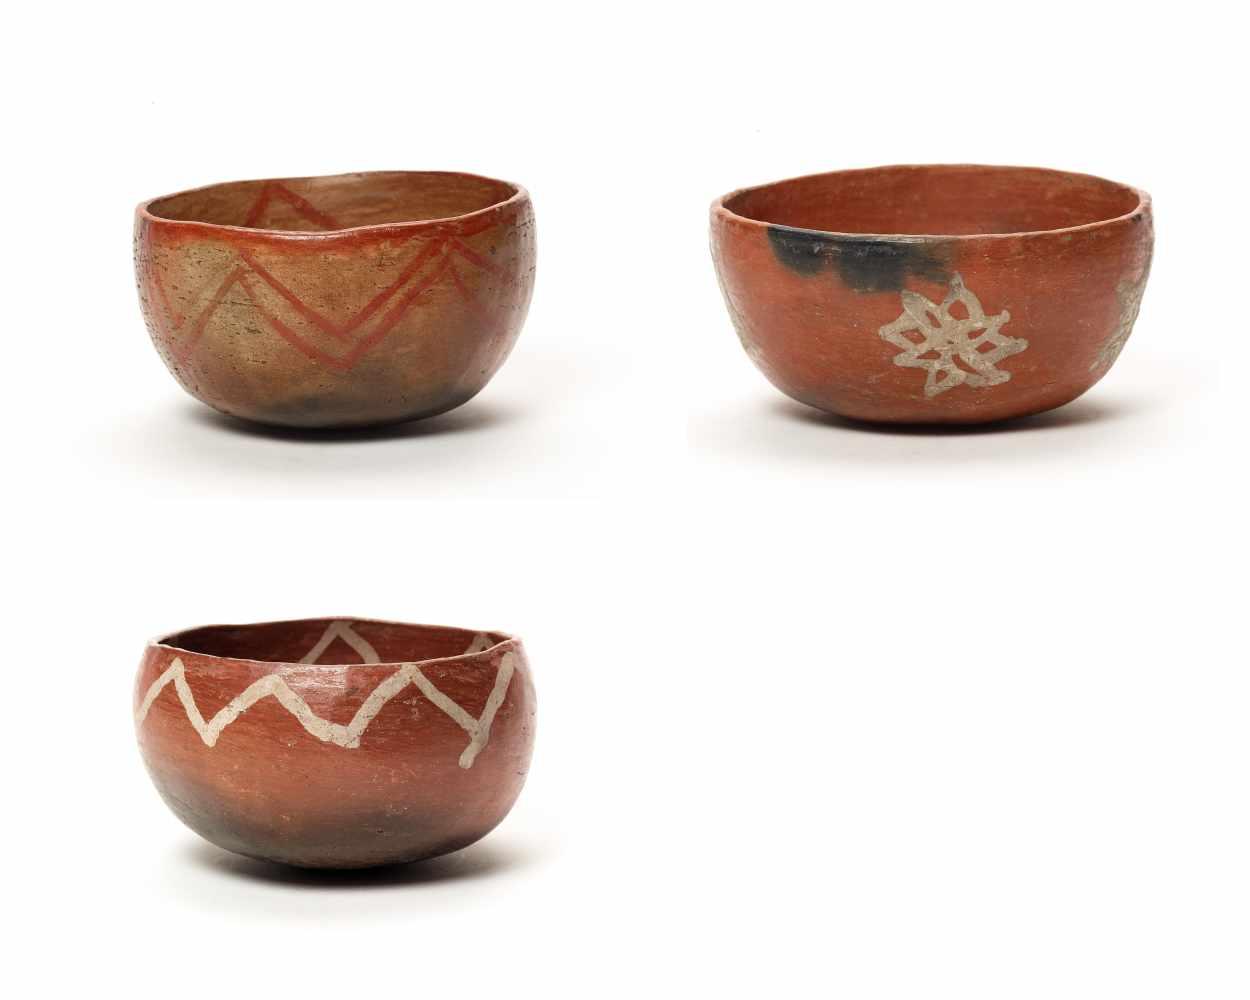 THREE BOWLS – PROBABLY CHARCHI CULTURE, ECUADOR, C. 850 – 1500 ADFired clayProbably Charchi culture,